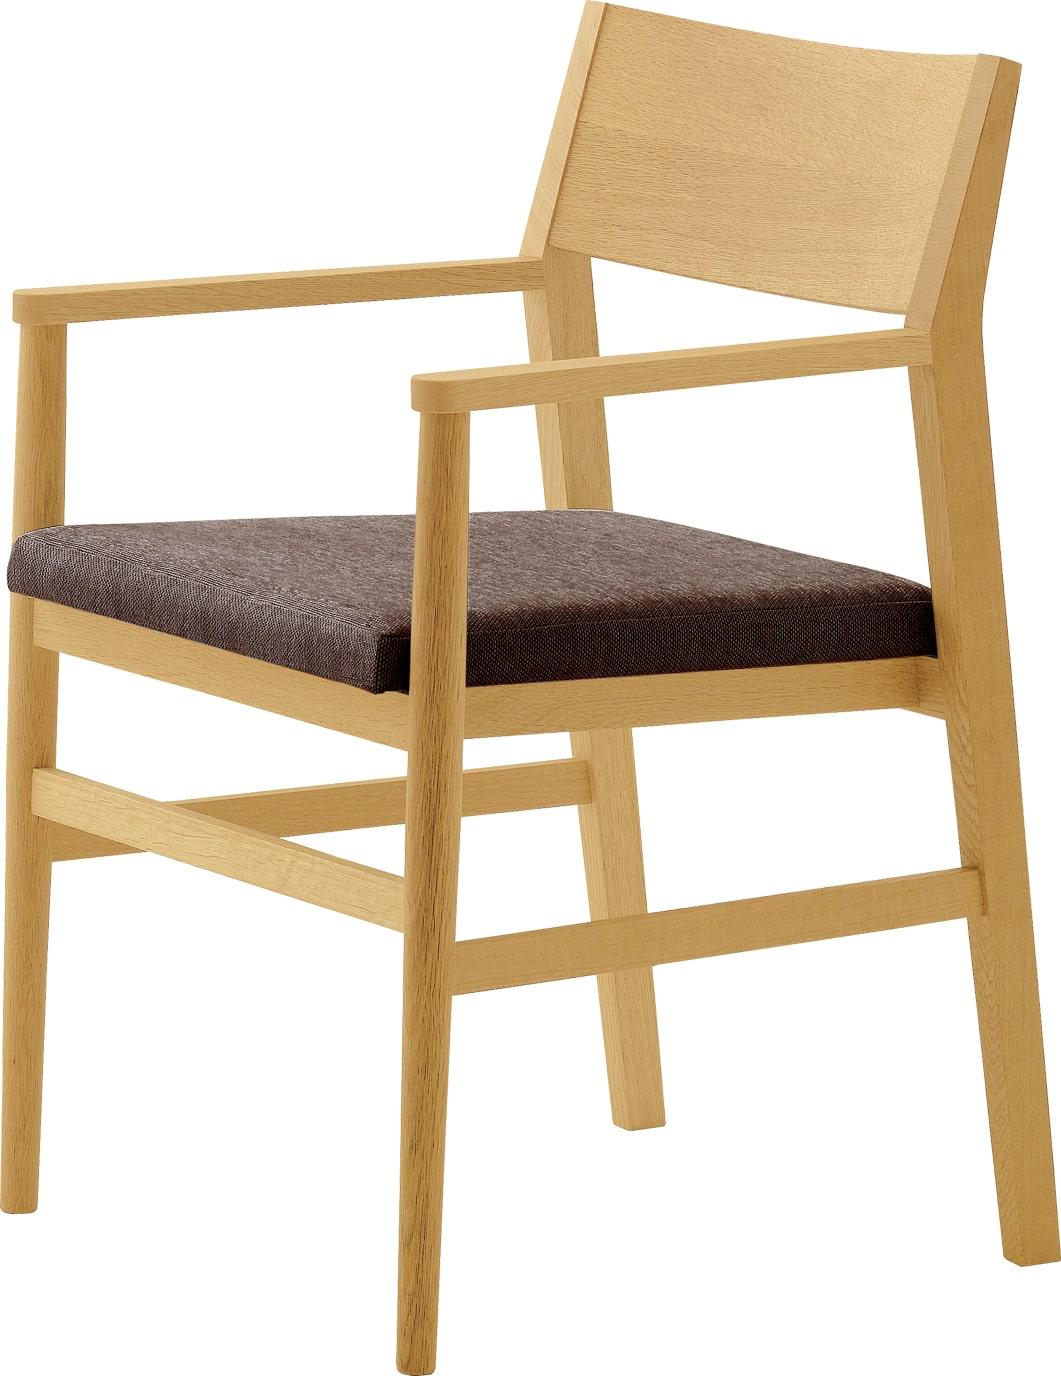 アレーテ Arete 一人掛け 一人がけ 1人掛け 1人がけ 1人掛け 1人がけ アームあり チェア 木製 木製シンプル椅子 無垢材 椅子 CA7